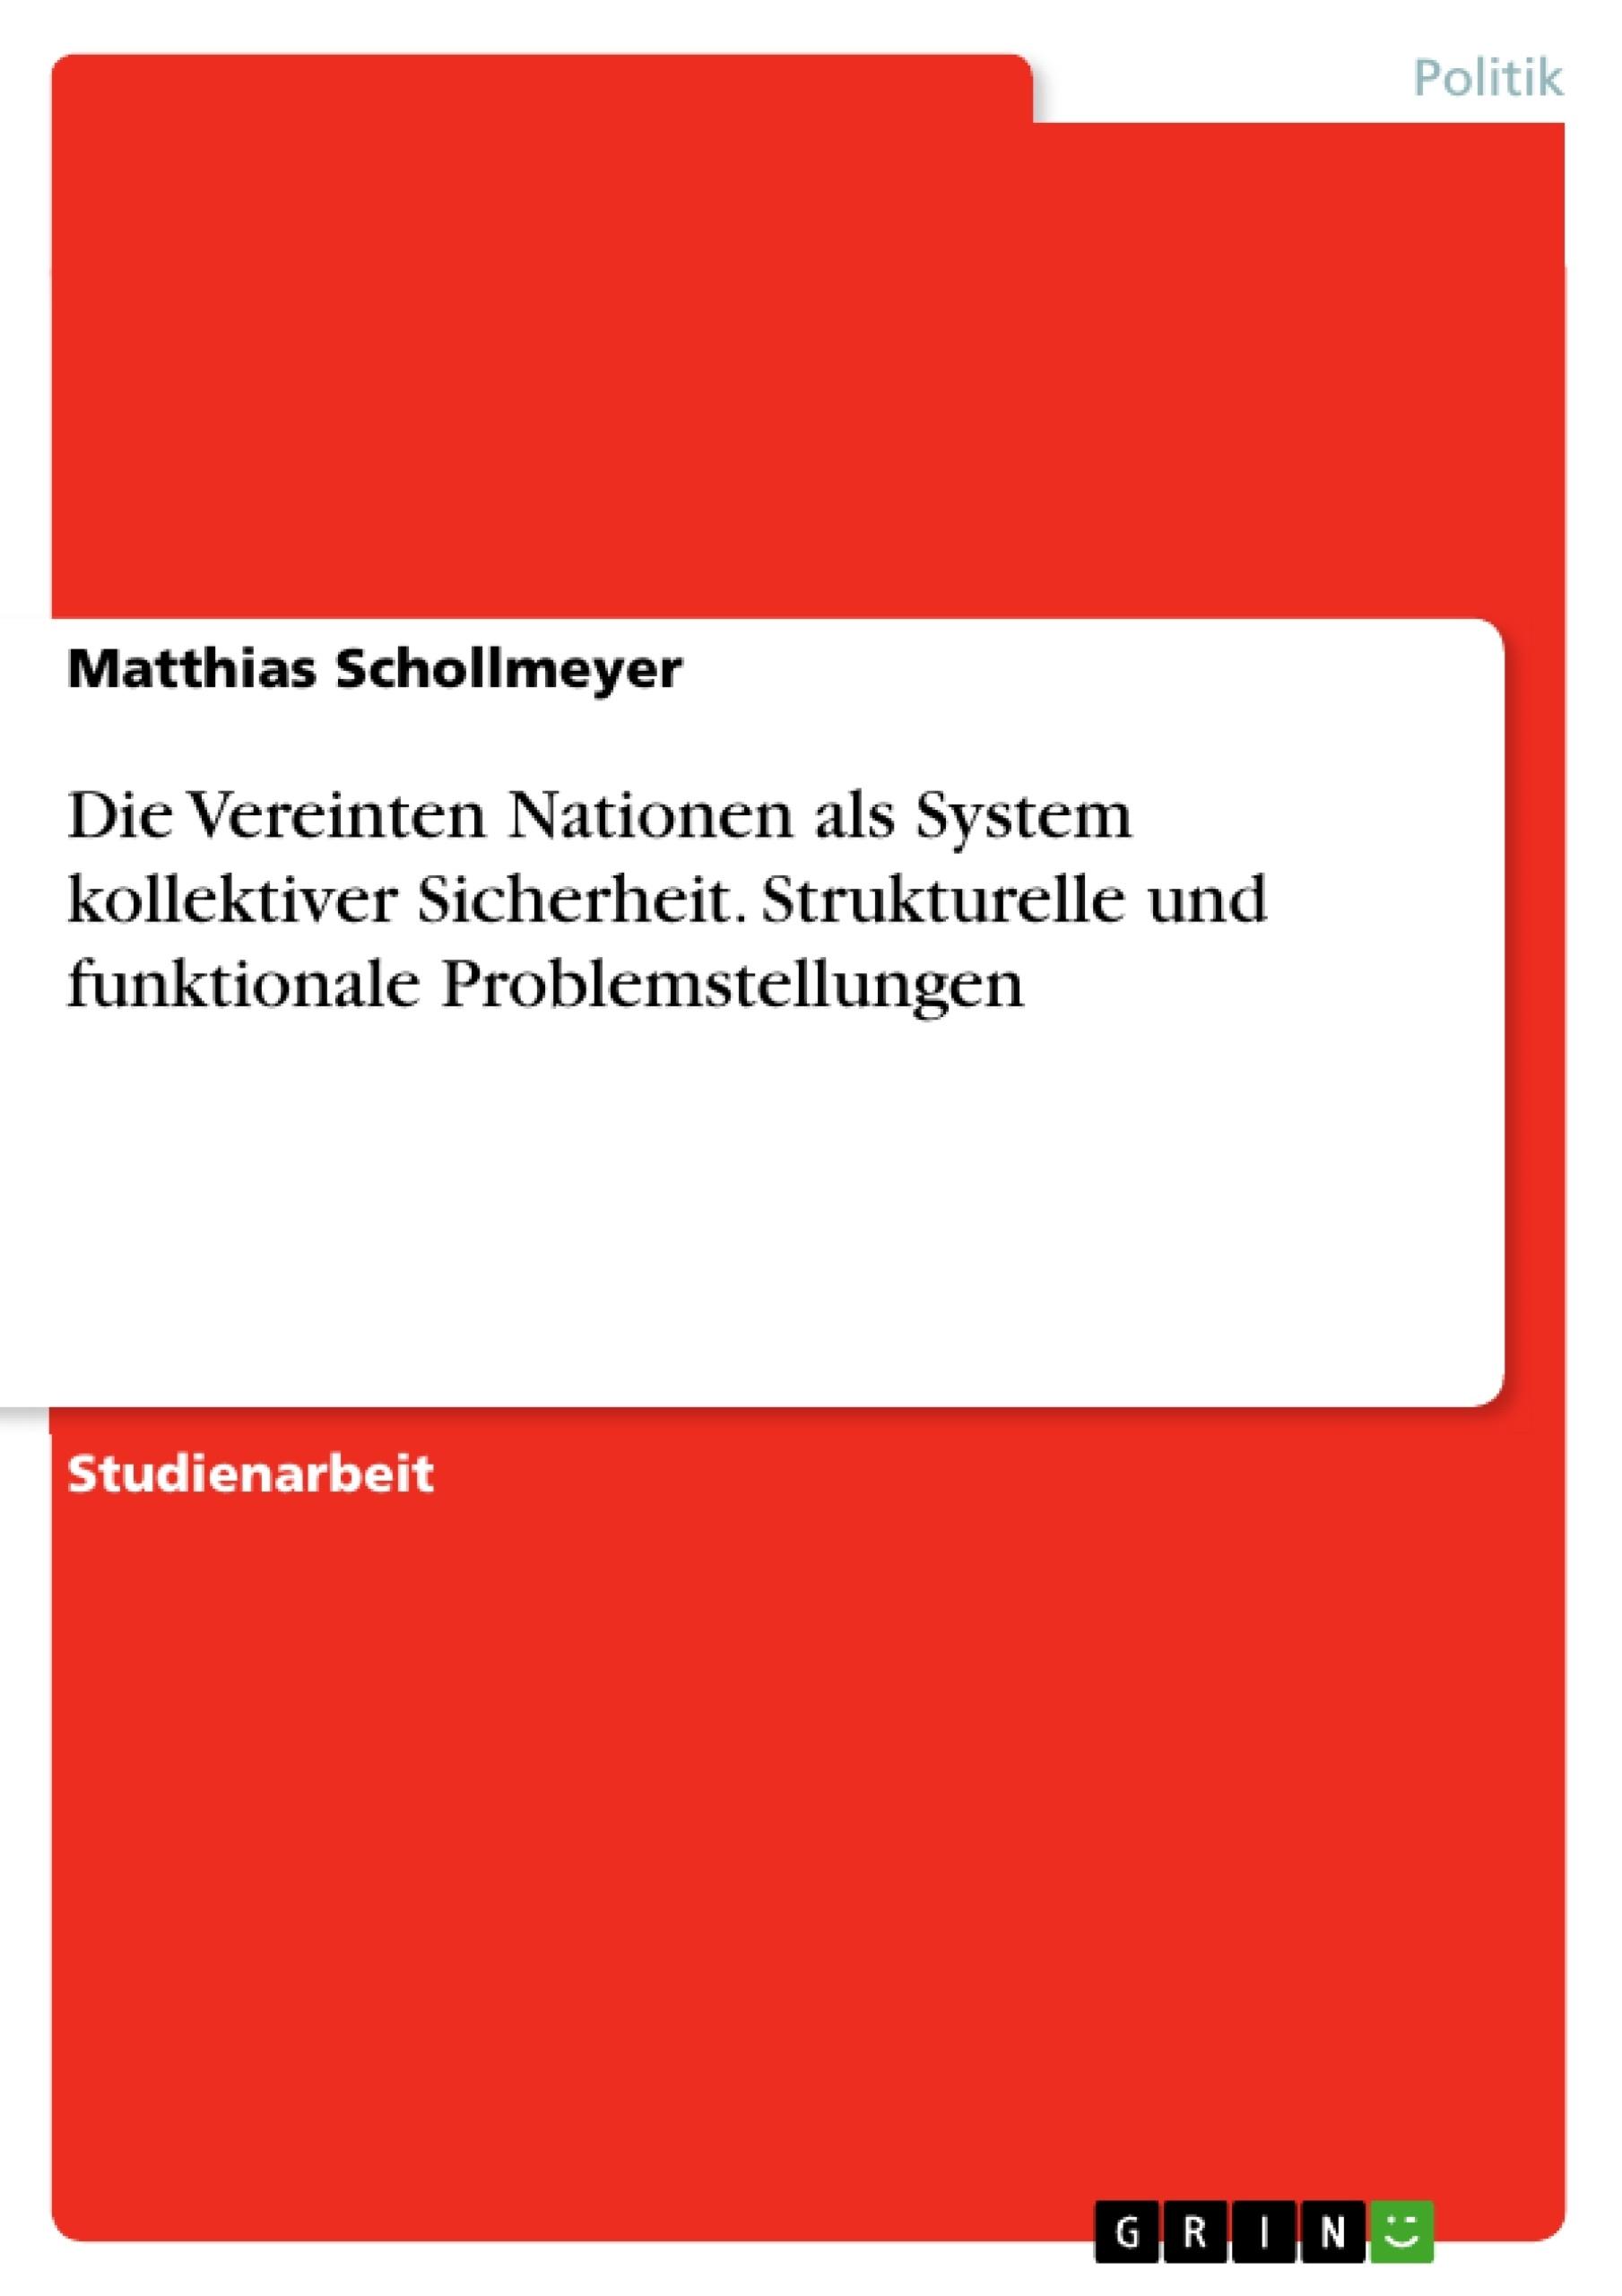 Titel: Die Vereinten Nationen als System kollektiver Sicherheit. Strukturelle und funktionale Problemstellungen